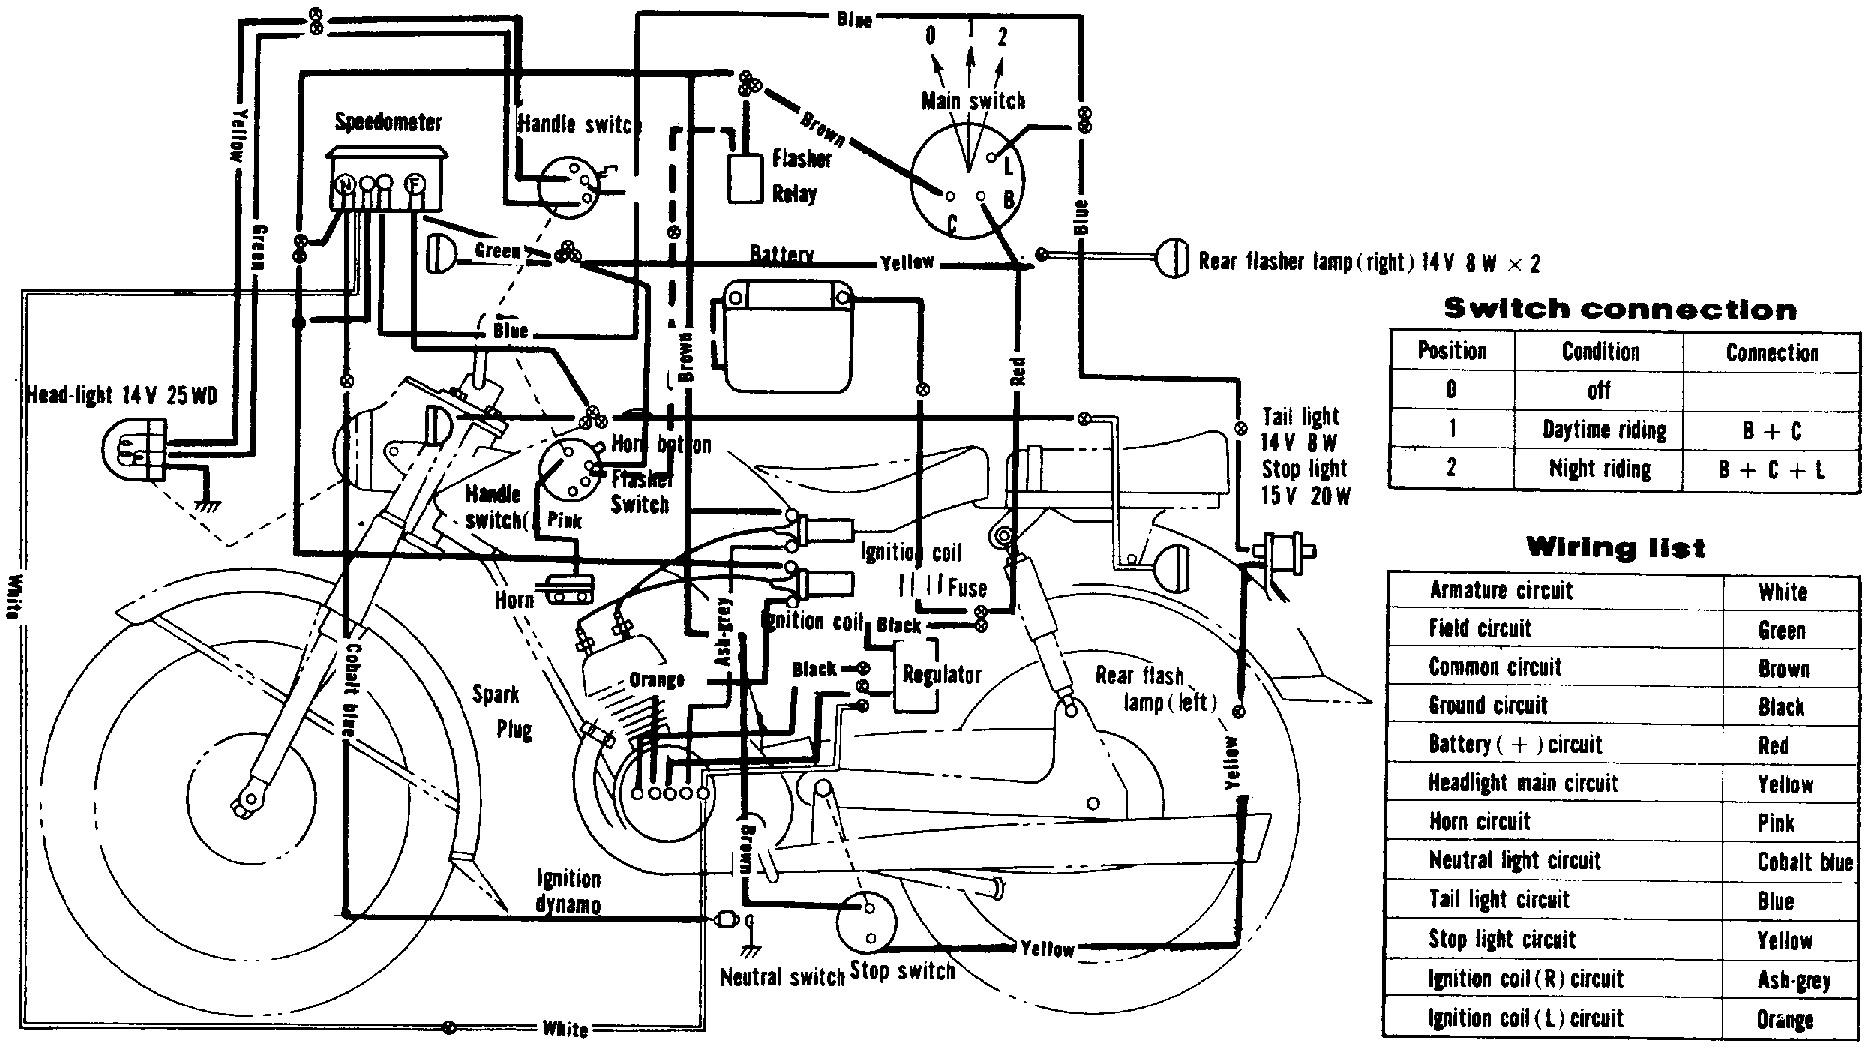 yamaha l2 wiring diagram wiring diagrams for arctic cat wiring diagram yamaha l2 wiring diagram [ 1868 x 1050 Pixel ]